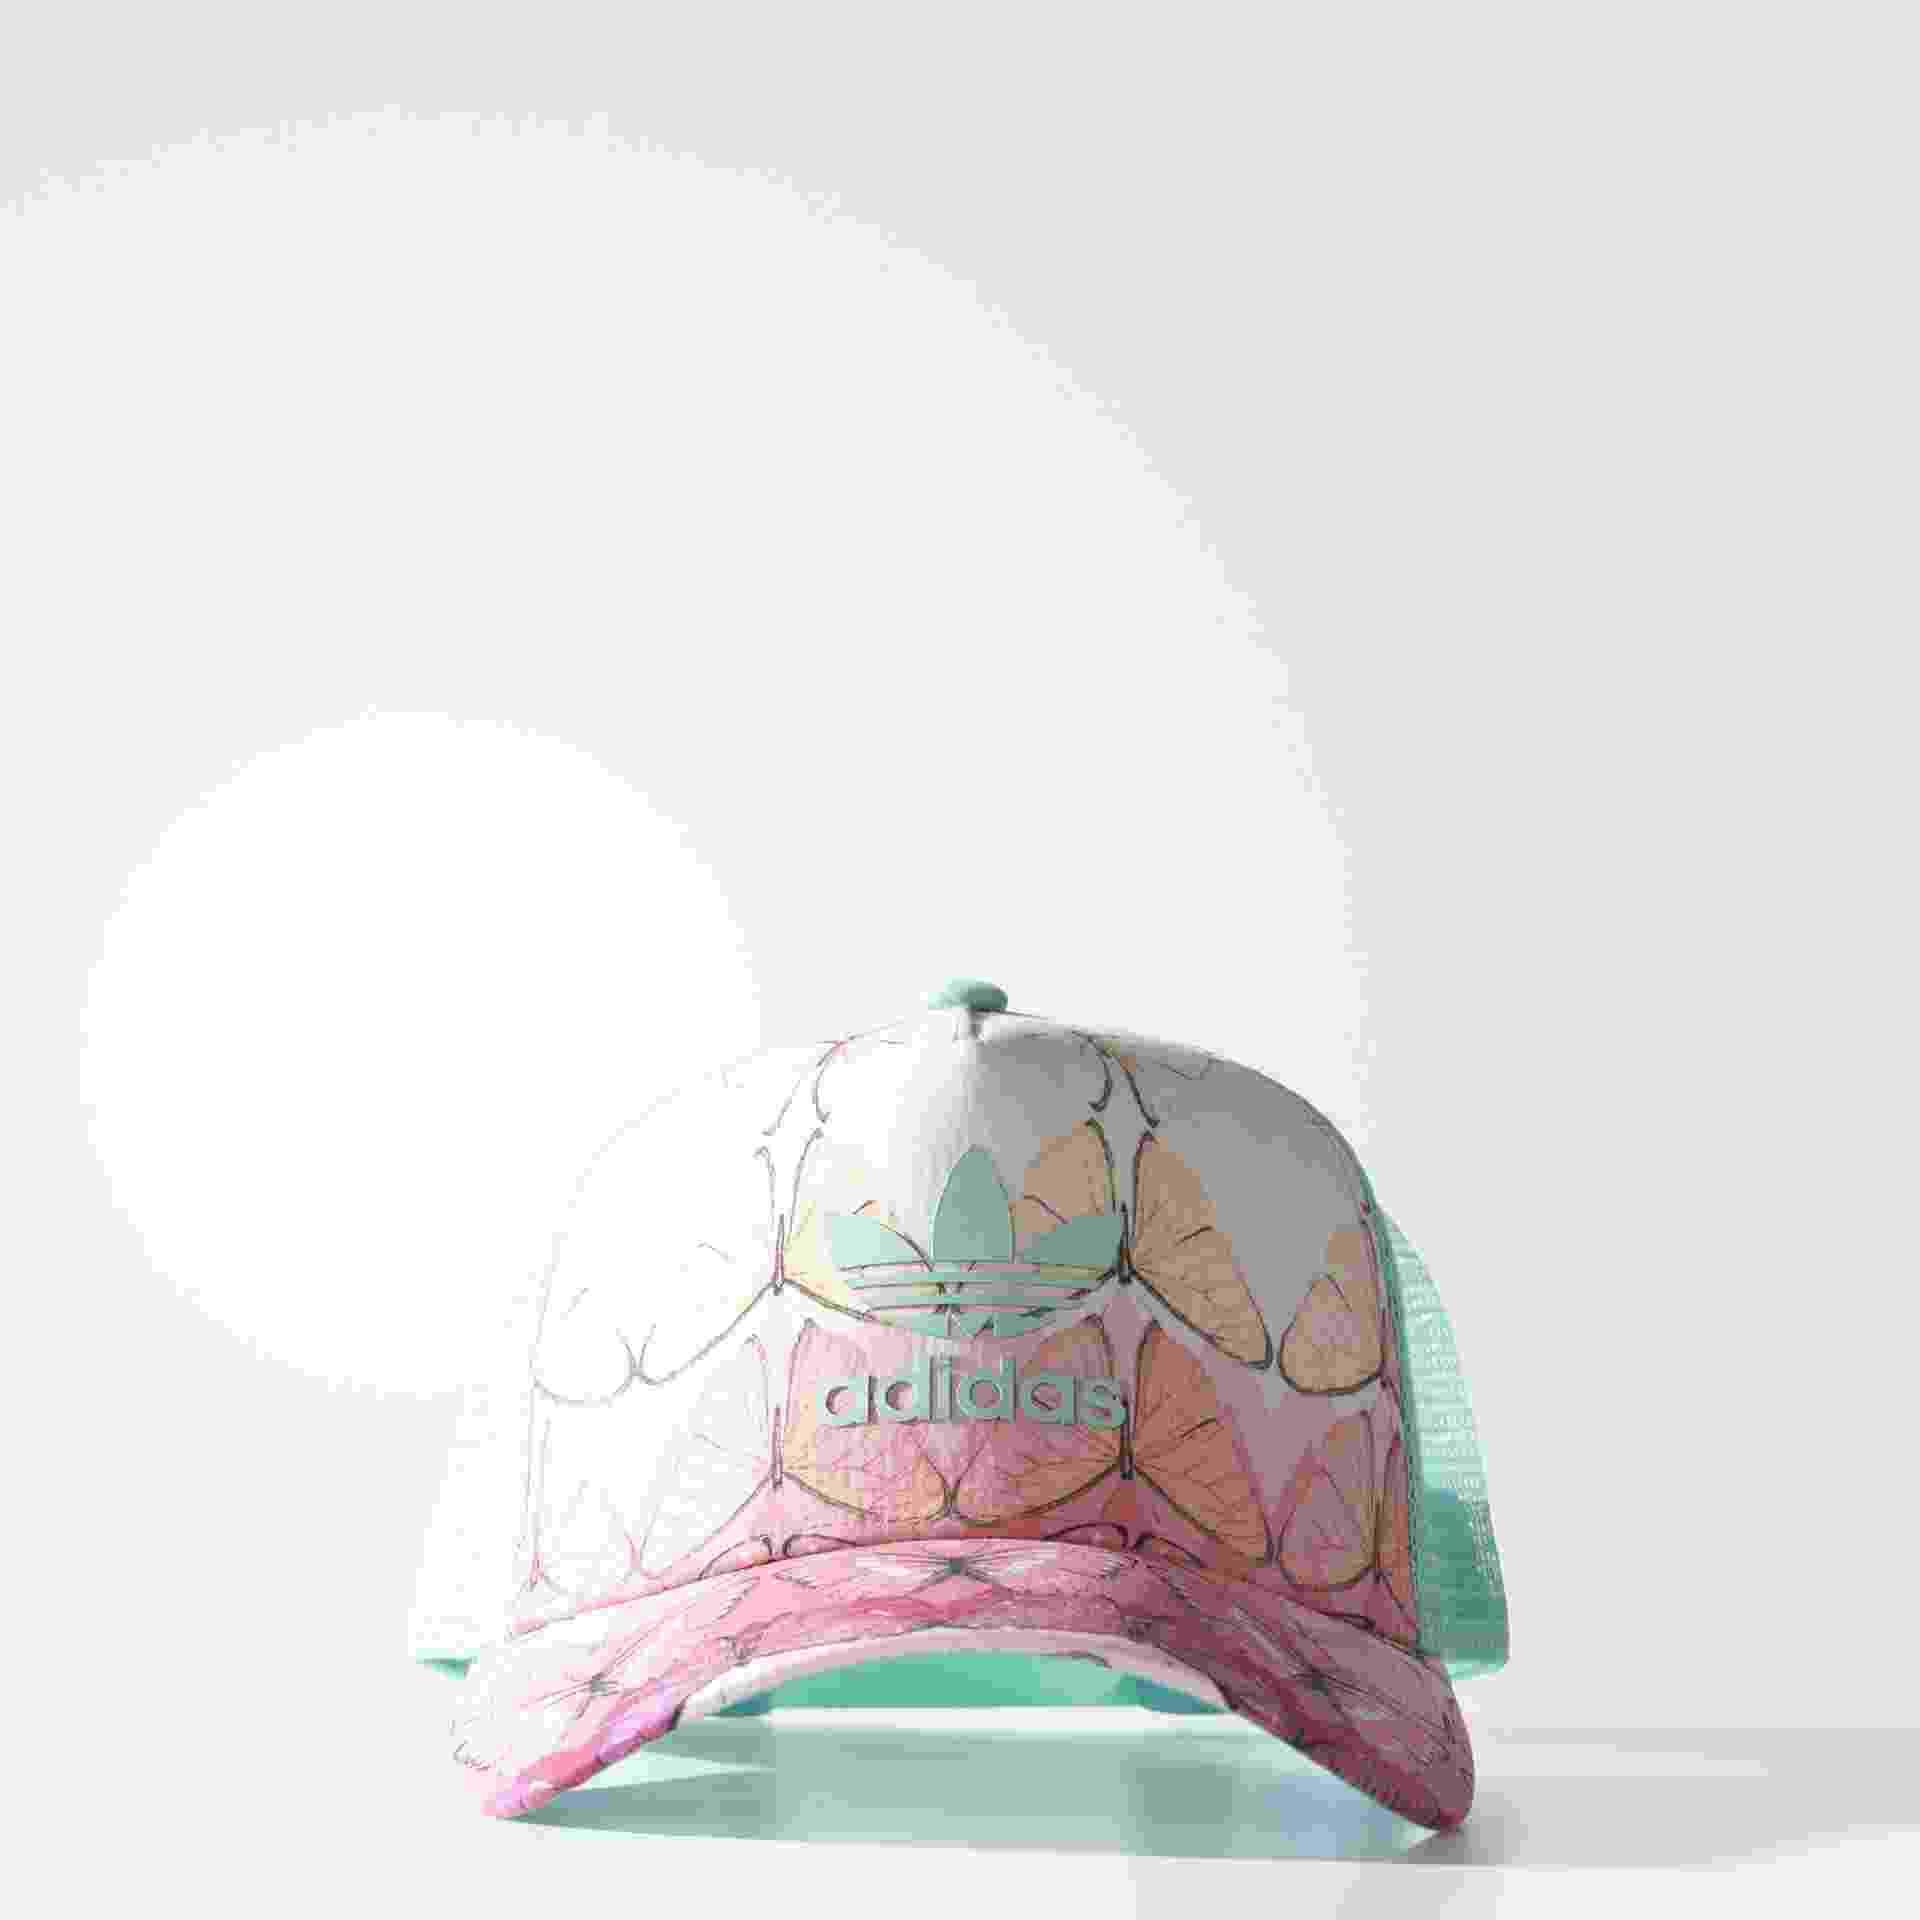 Boné com estampa de borboleta, R$ 129,99, Adidas, adidas.com.br - Divulgação